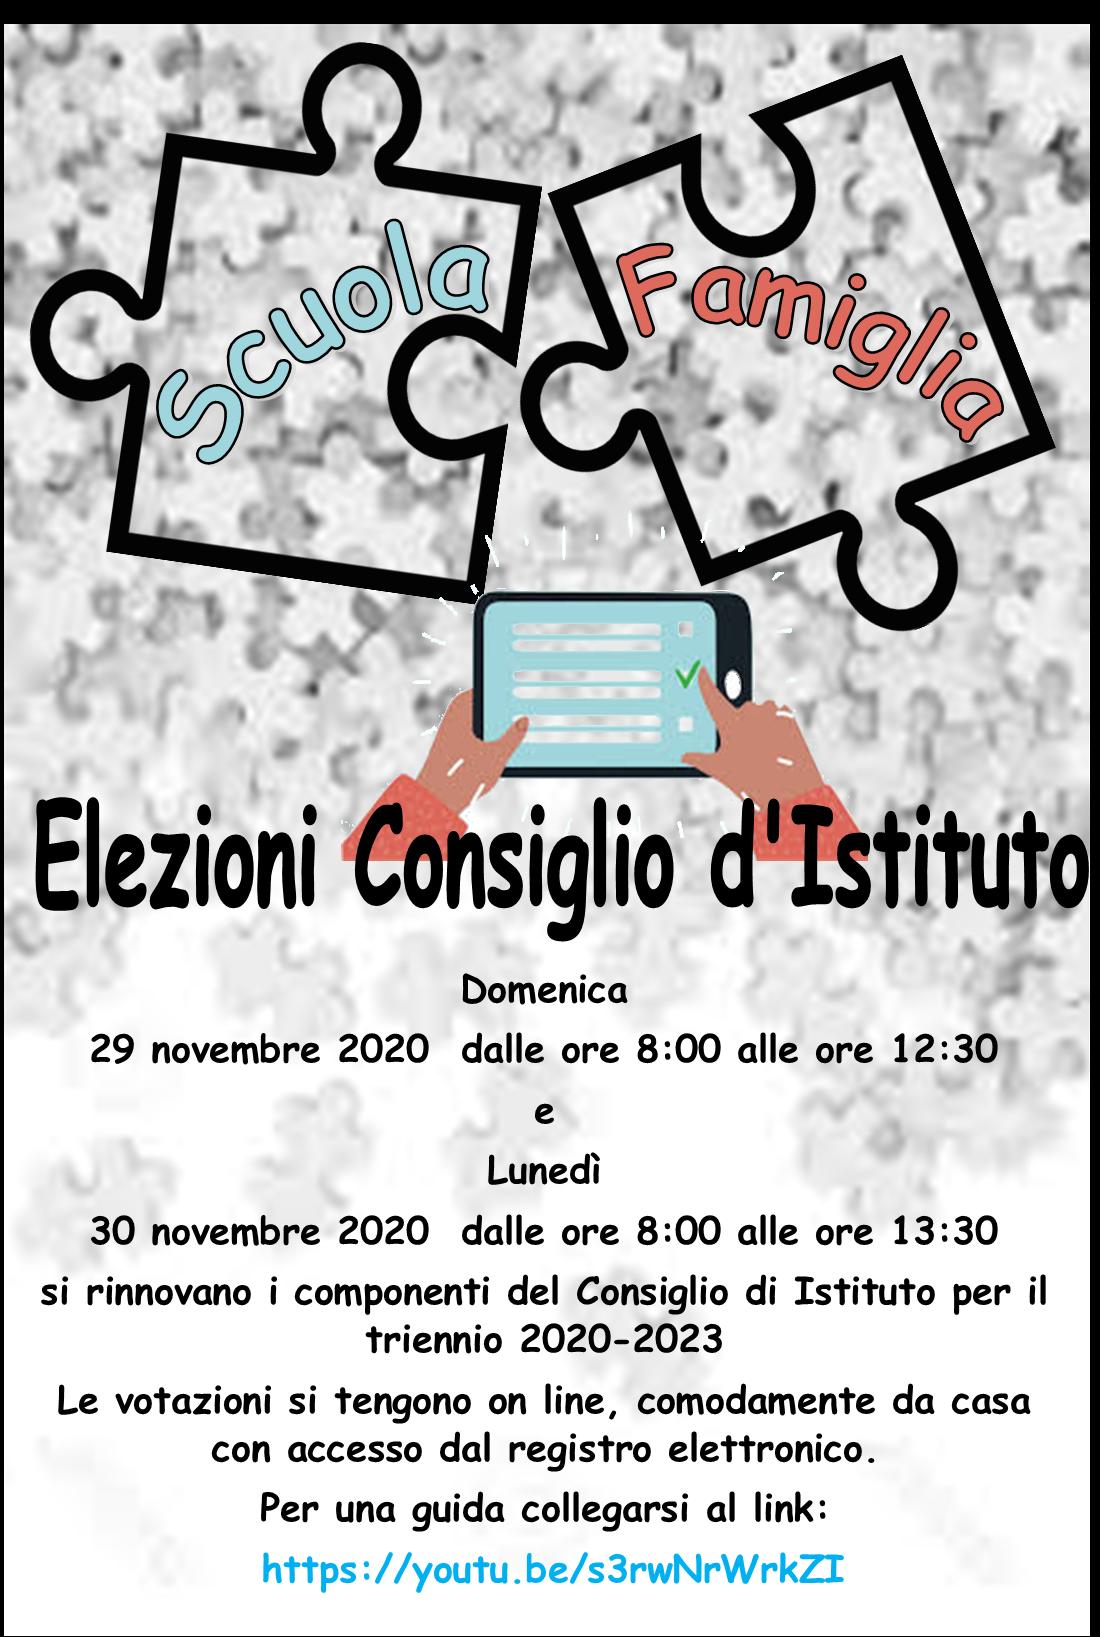 Elezioni Consiglio di Istituto – triennio 2020/2023